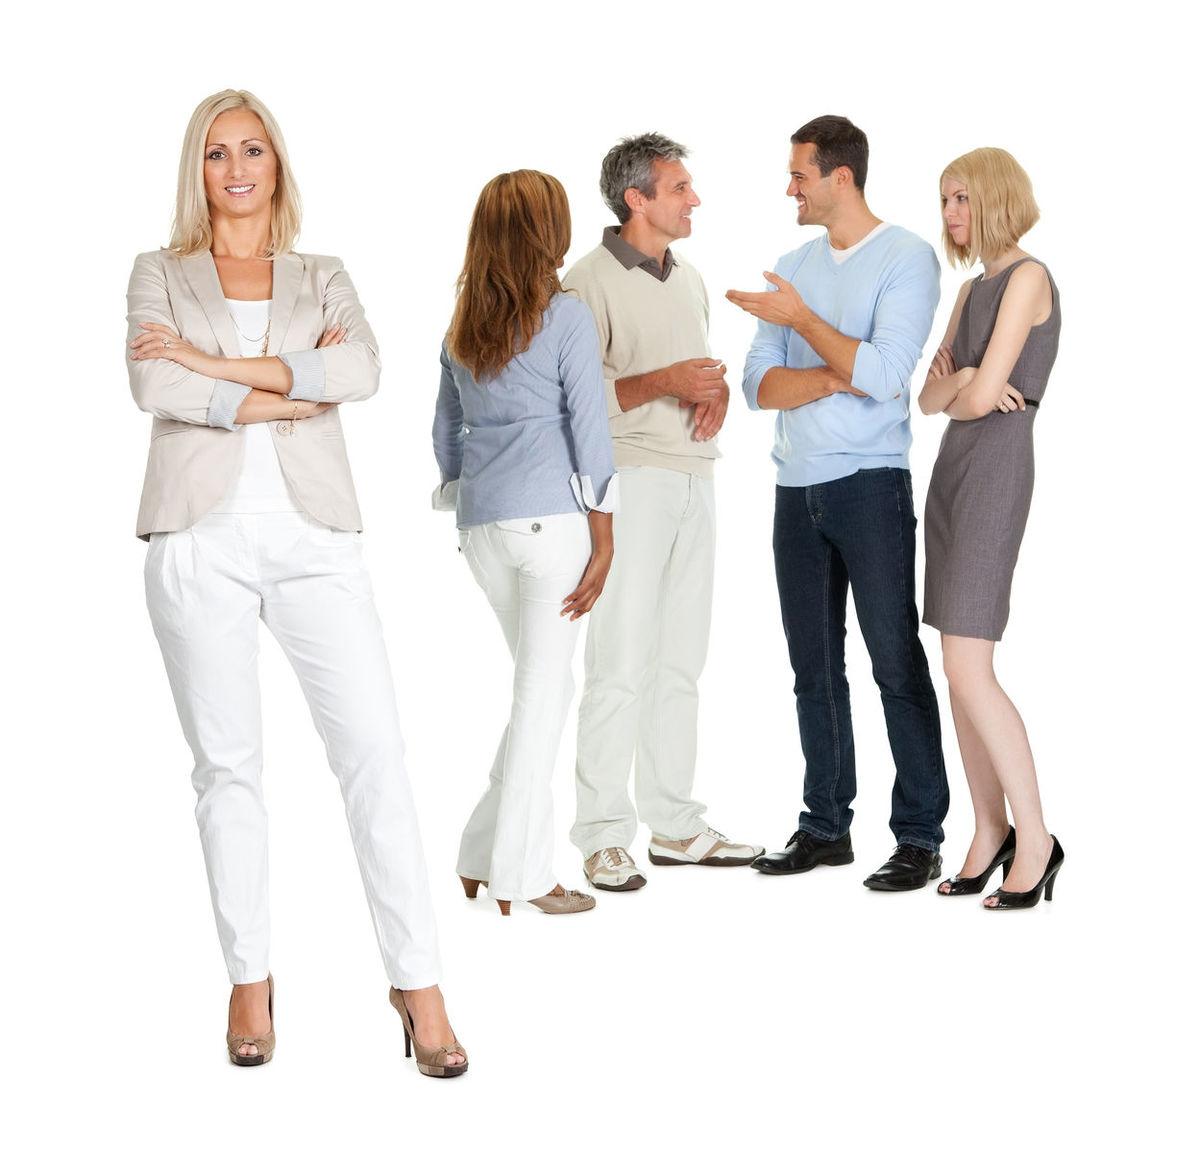 skupina, kolegovia, spoluvlastníci, rozhovor